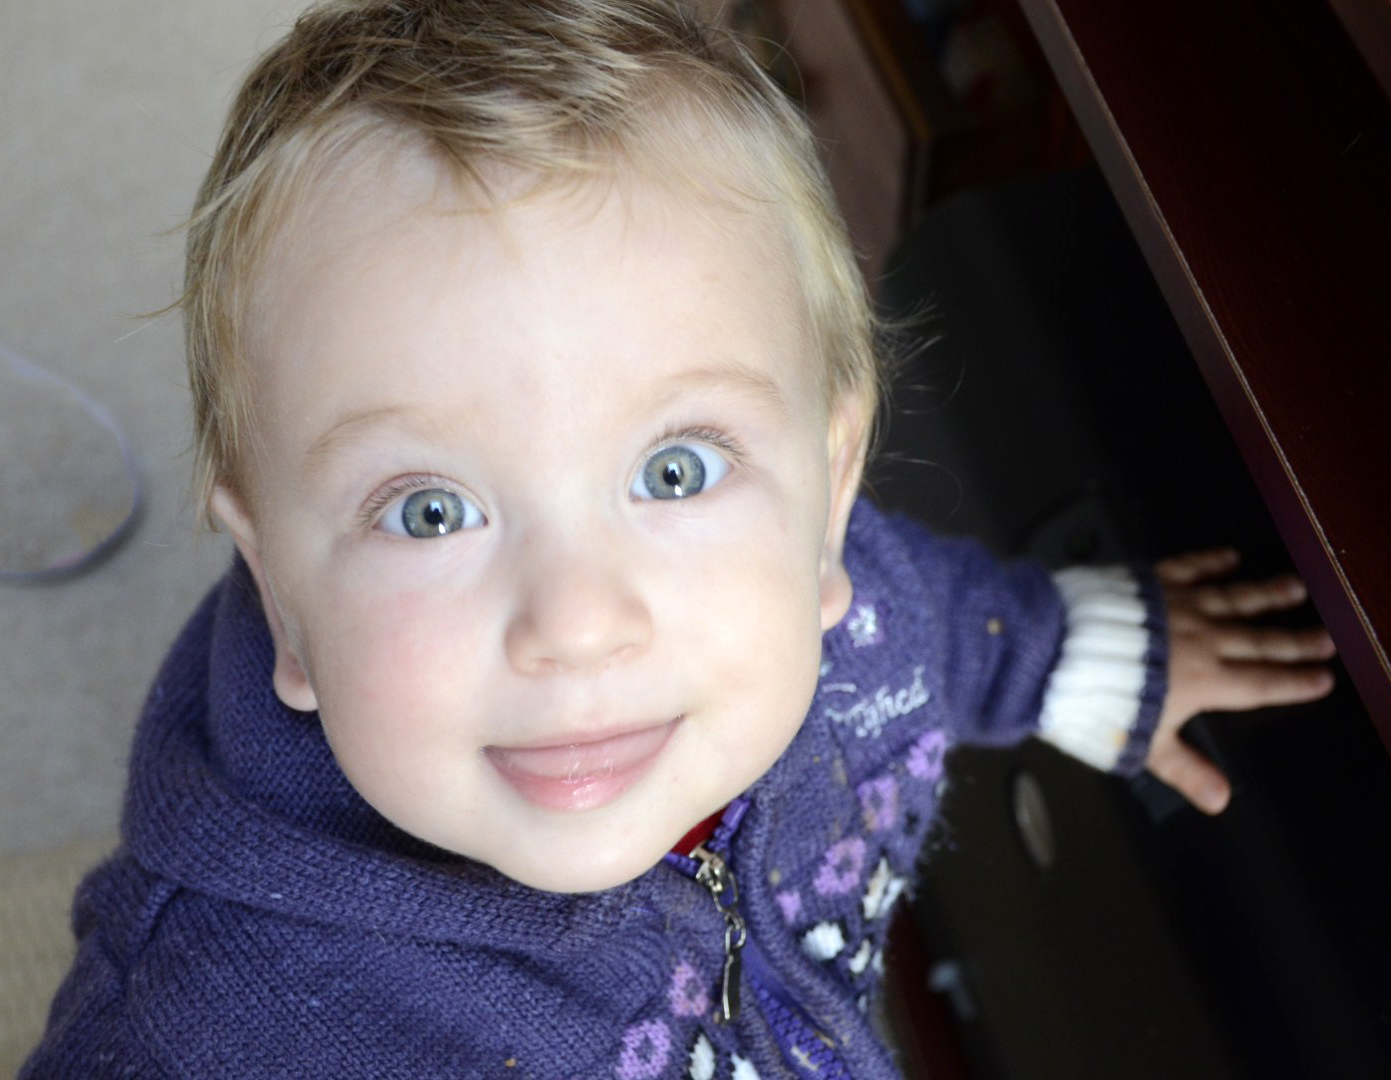 Dzieci niczyje – czyli o wszechobcnym kryzysie rodzicielstwa